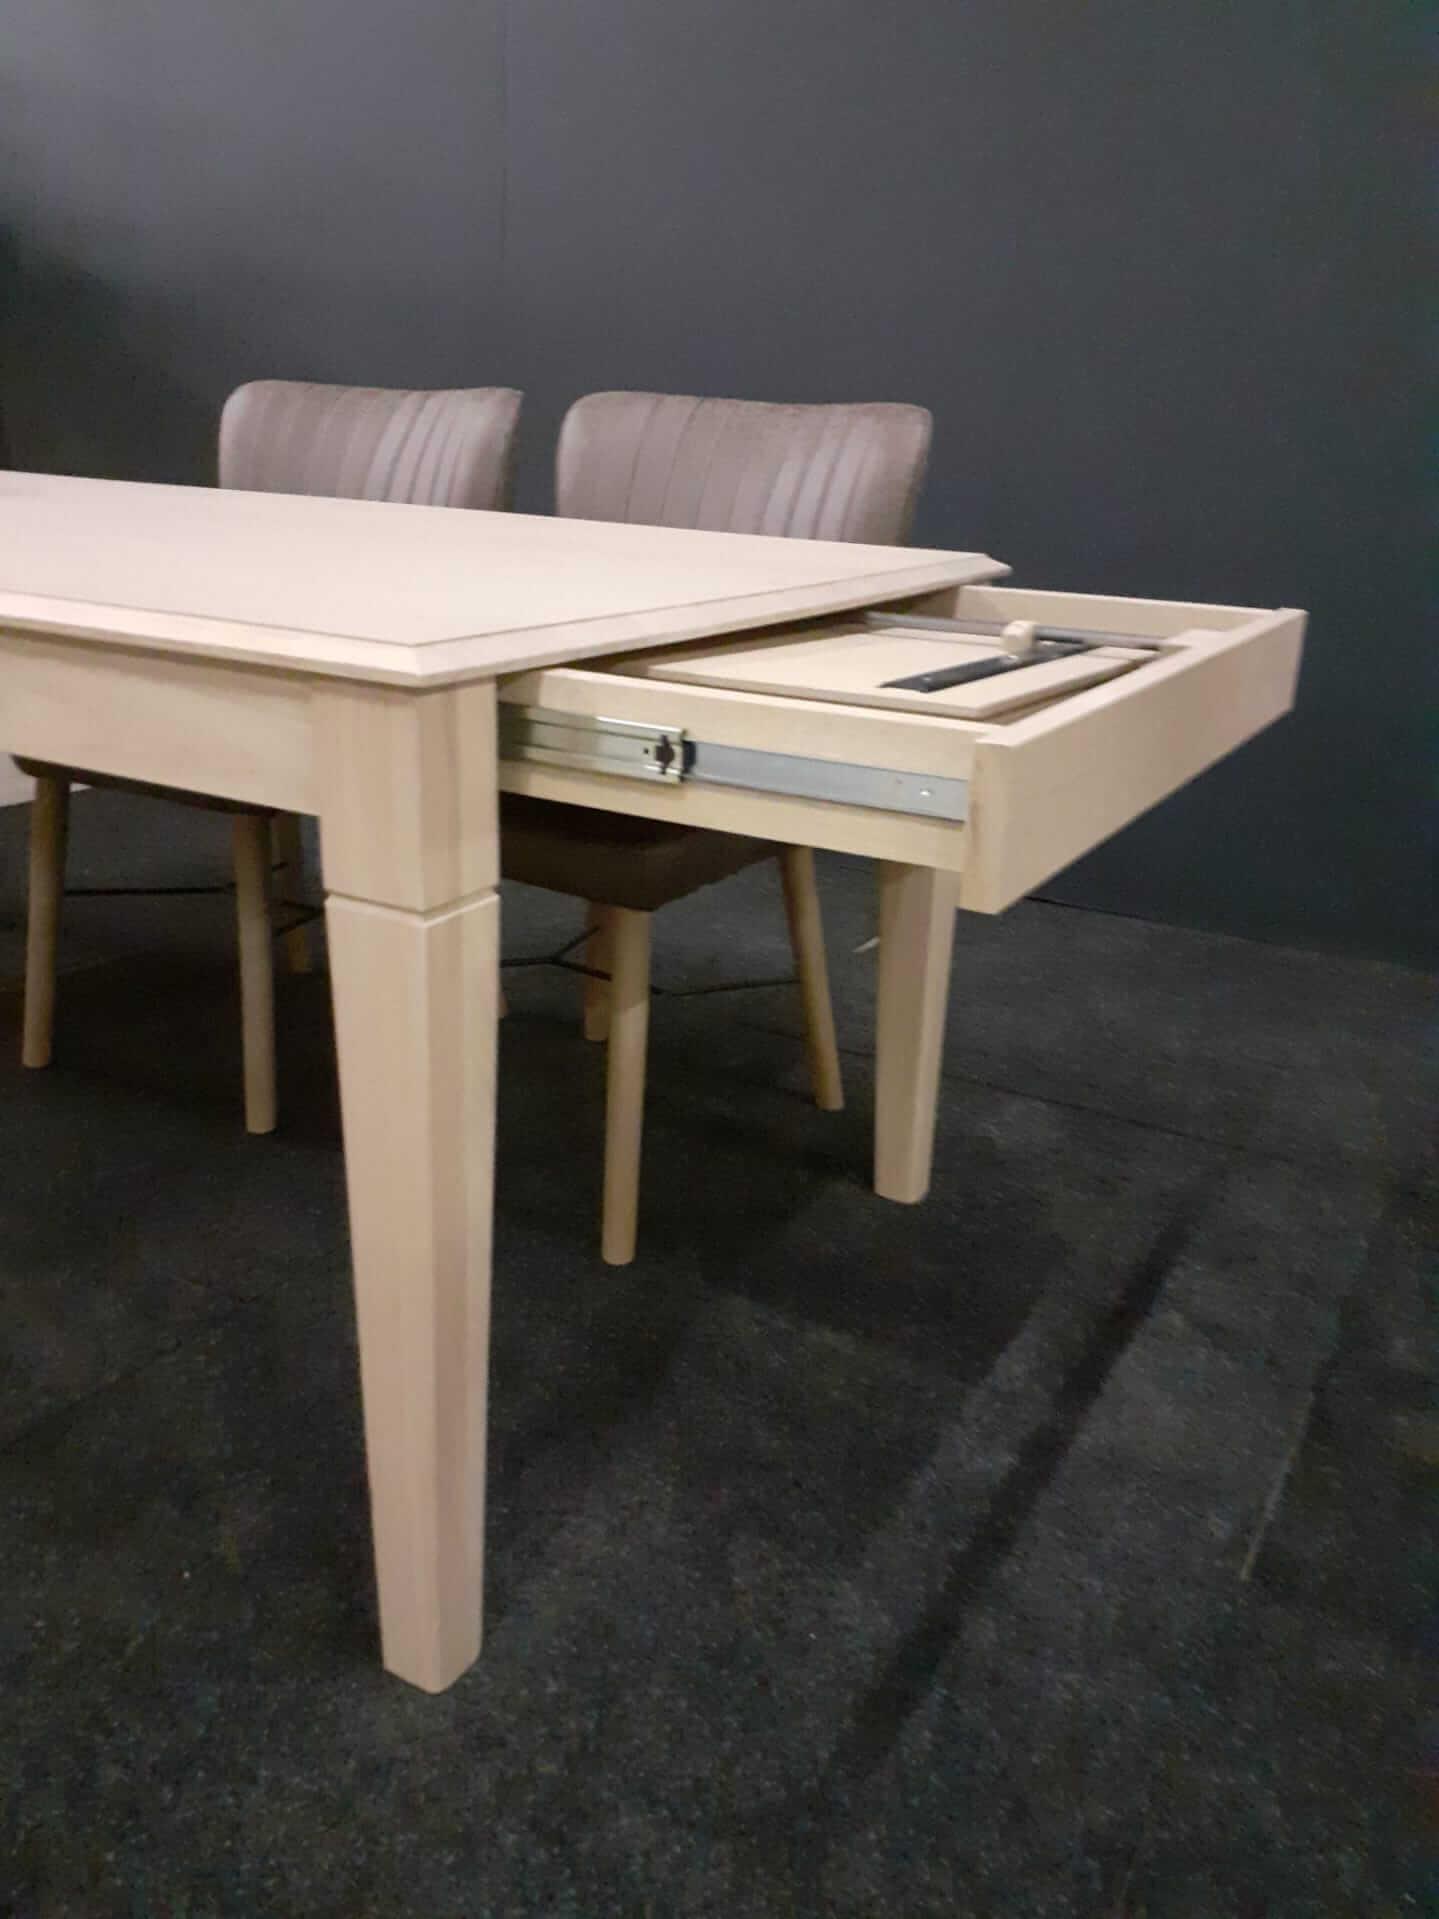 Strak landelijke tafels zijdelings uitrekbaar